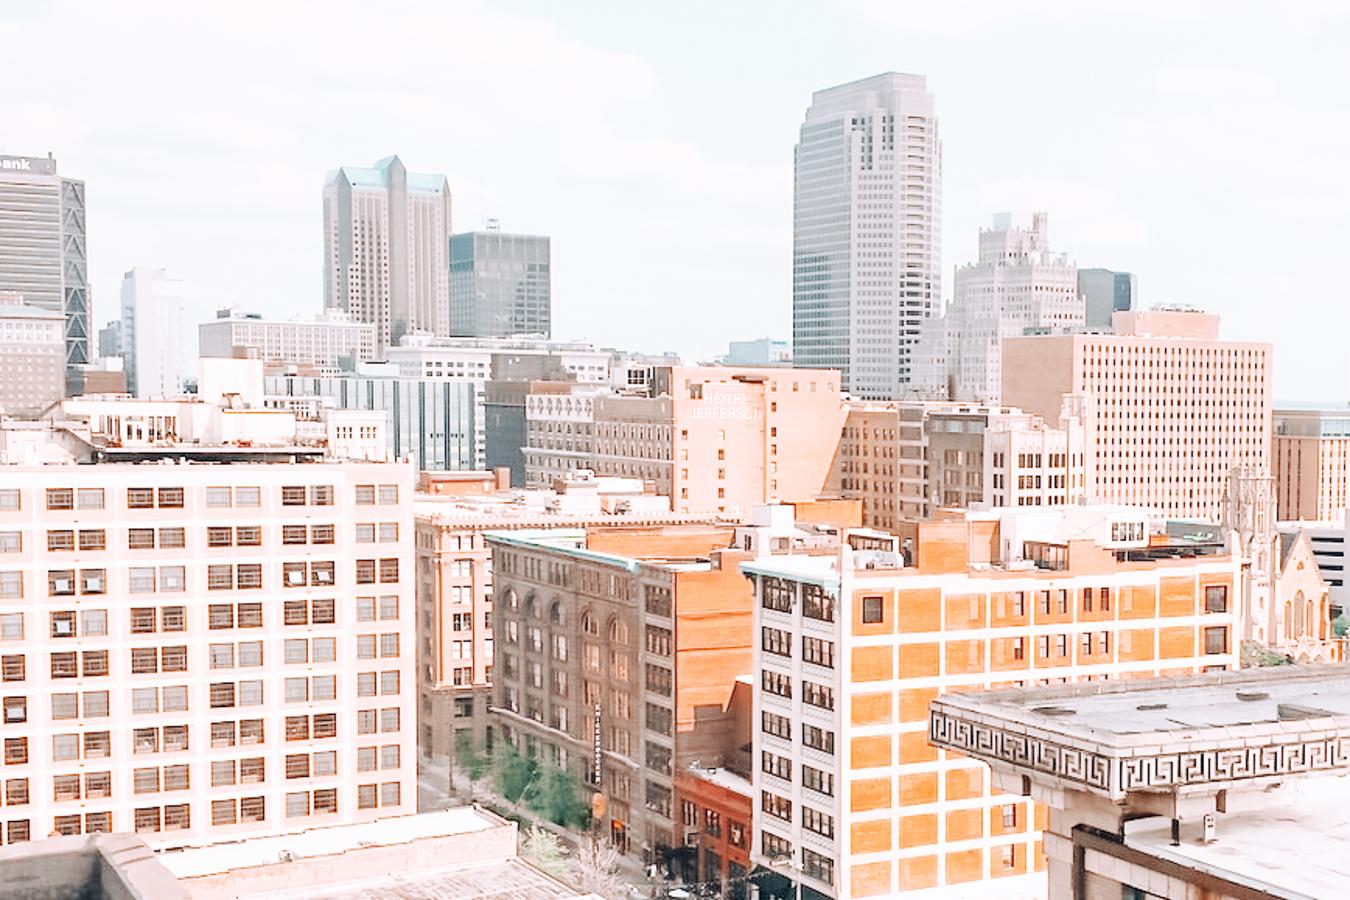 Buildings in St. Louis